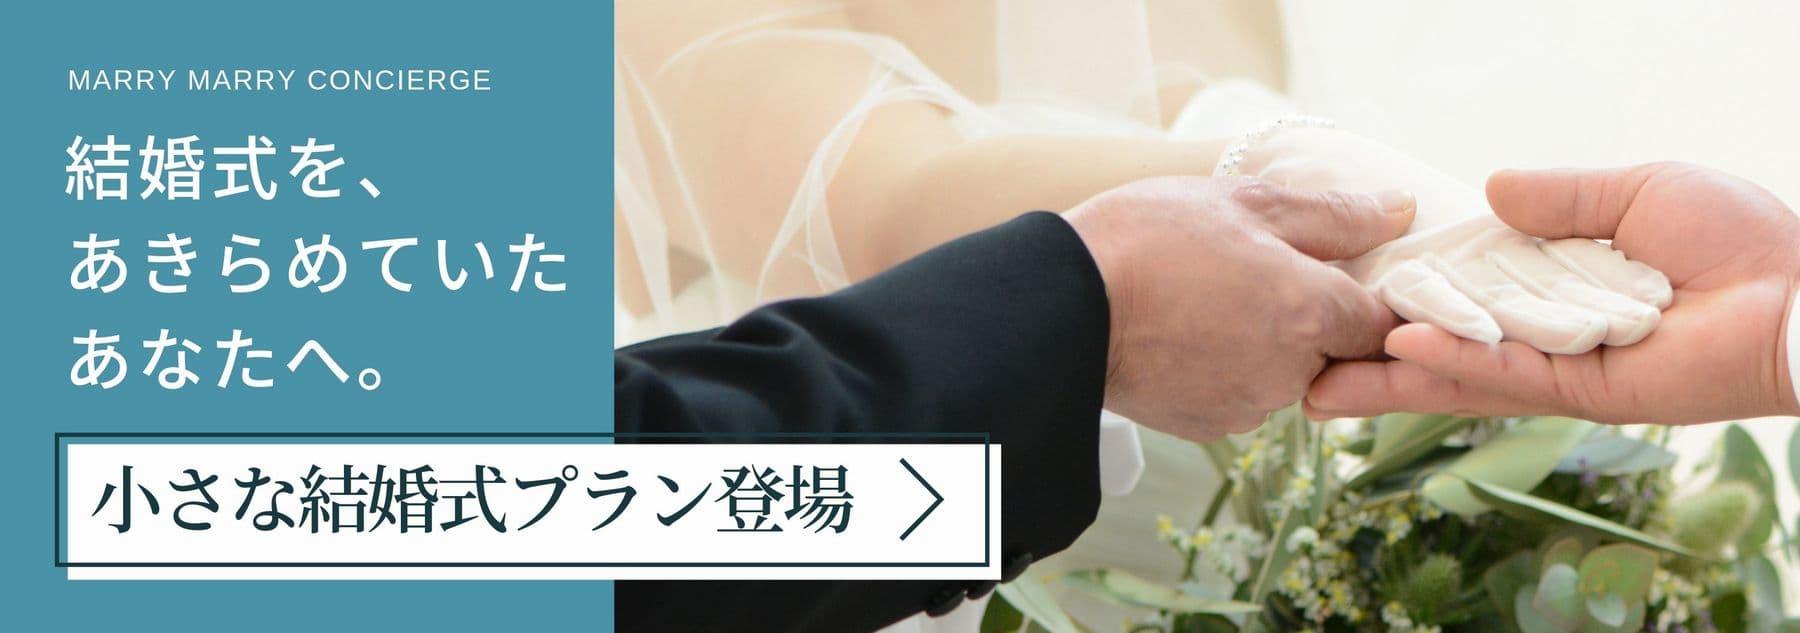 高松市の結婚相談カウンター マリマリコンシェルジュの小さな結婚式プラン